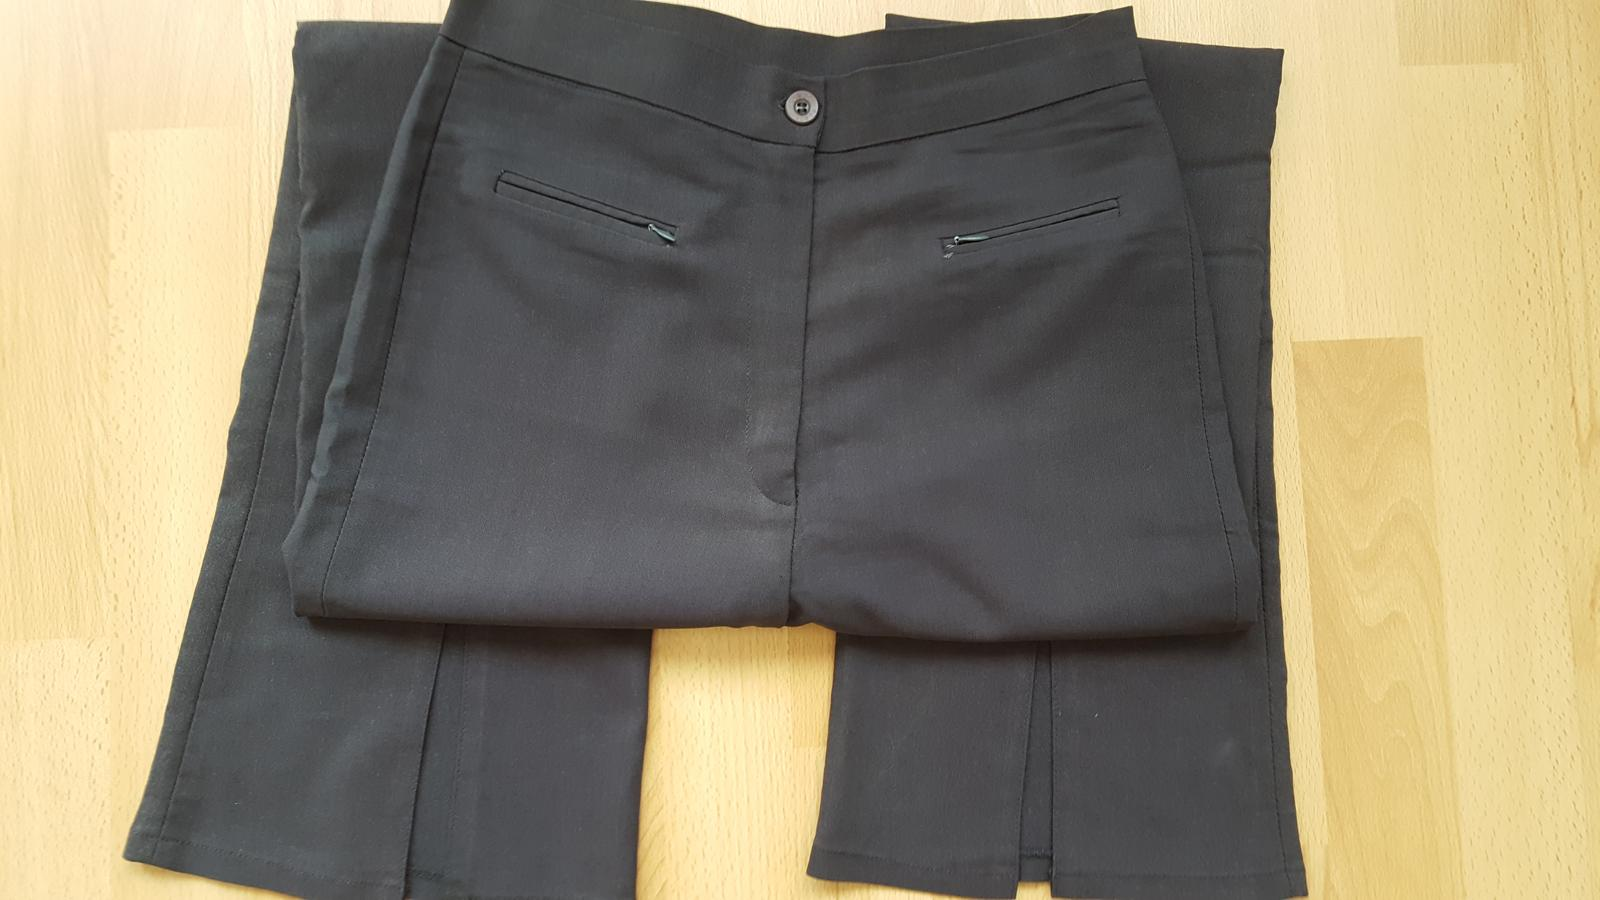 Kalhoty šedé  vel.L - Obrázok č. 1